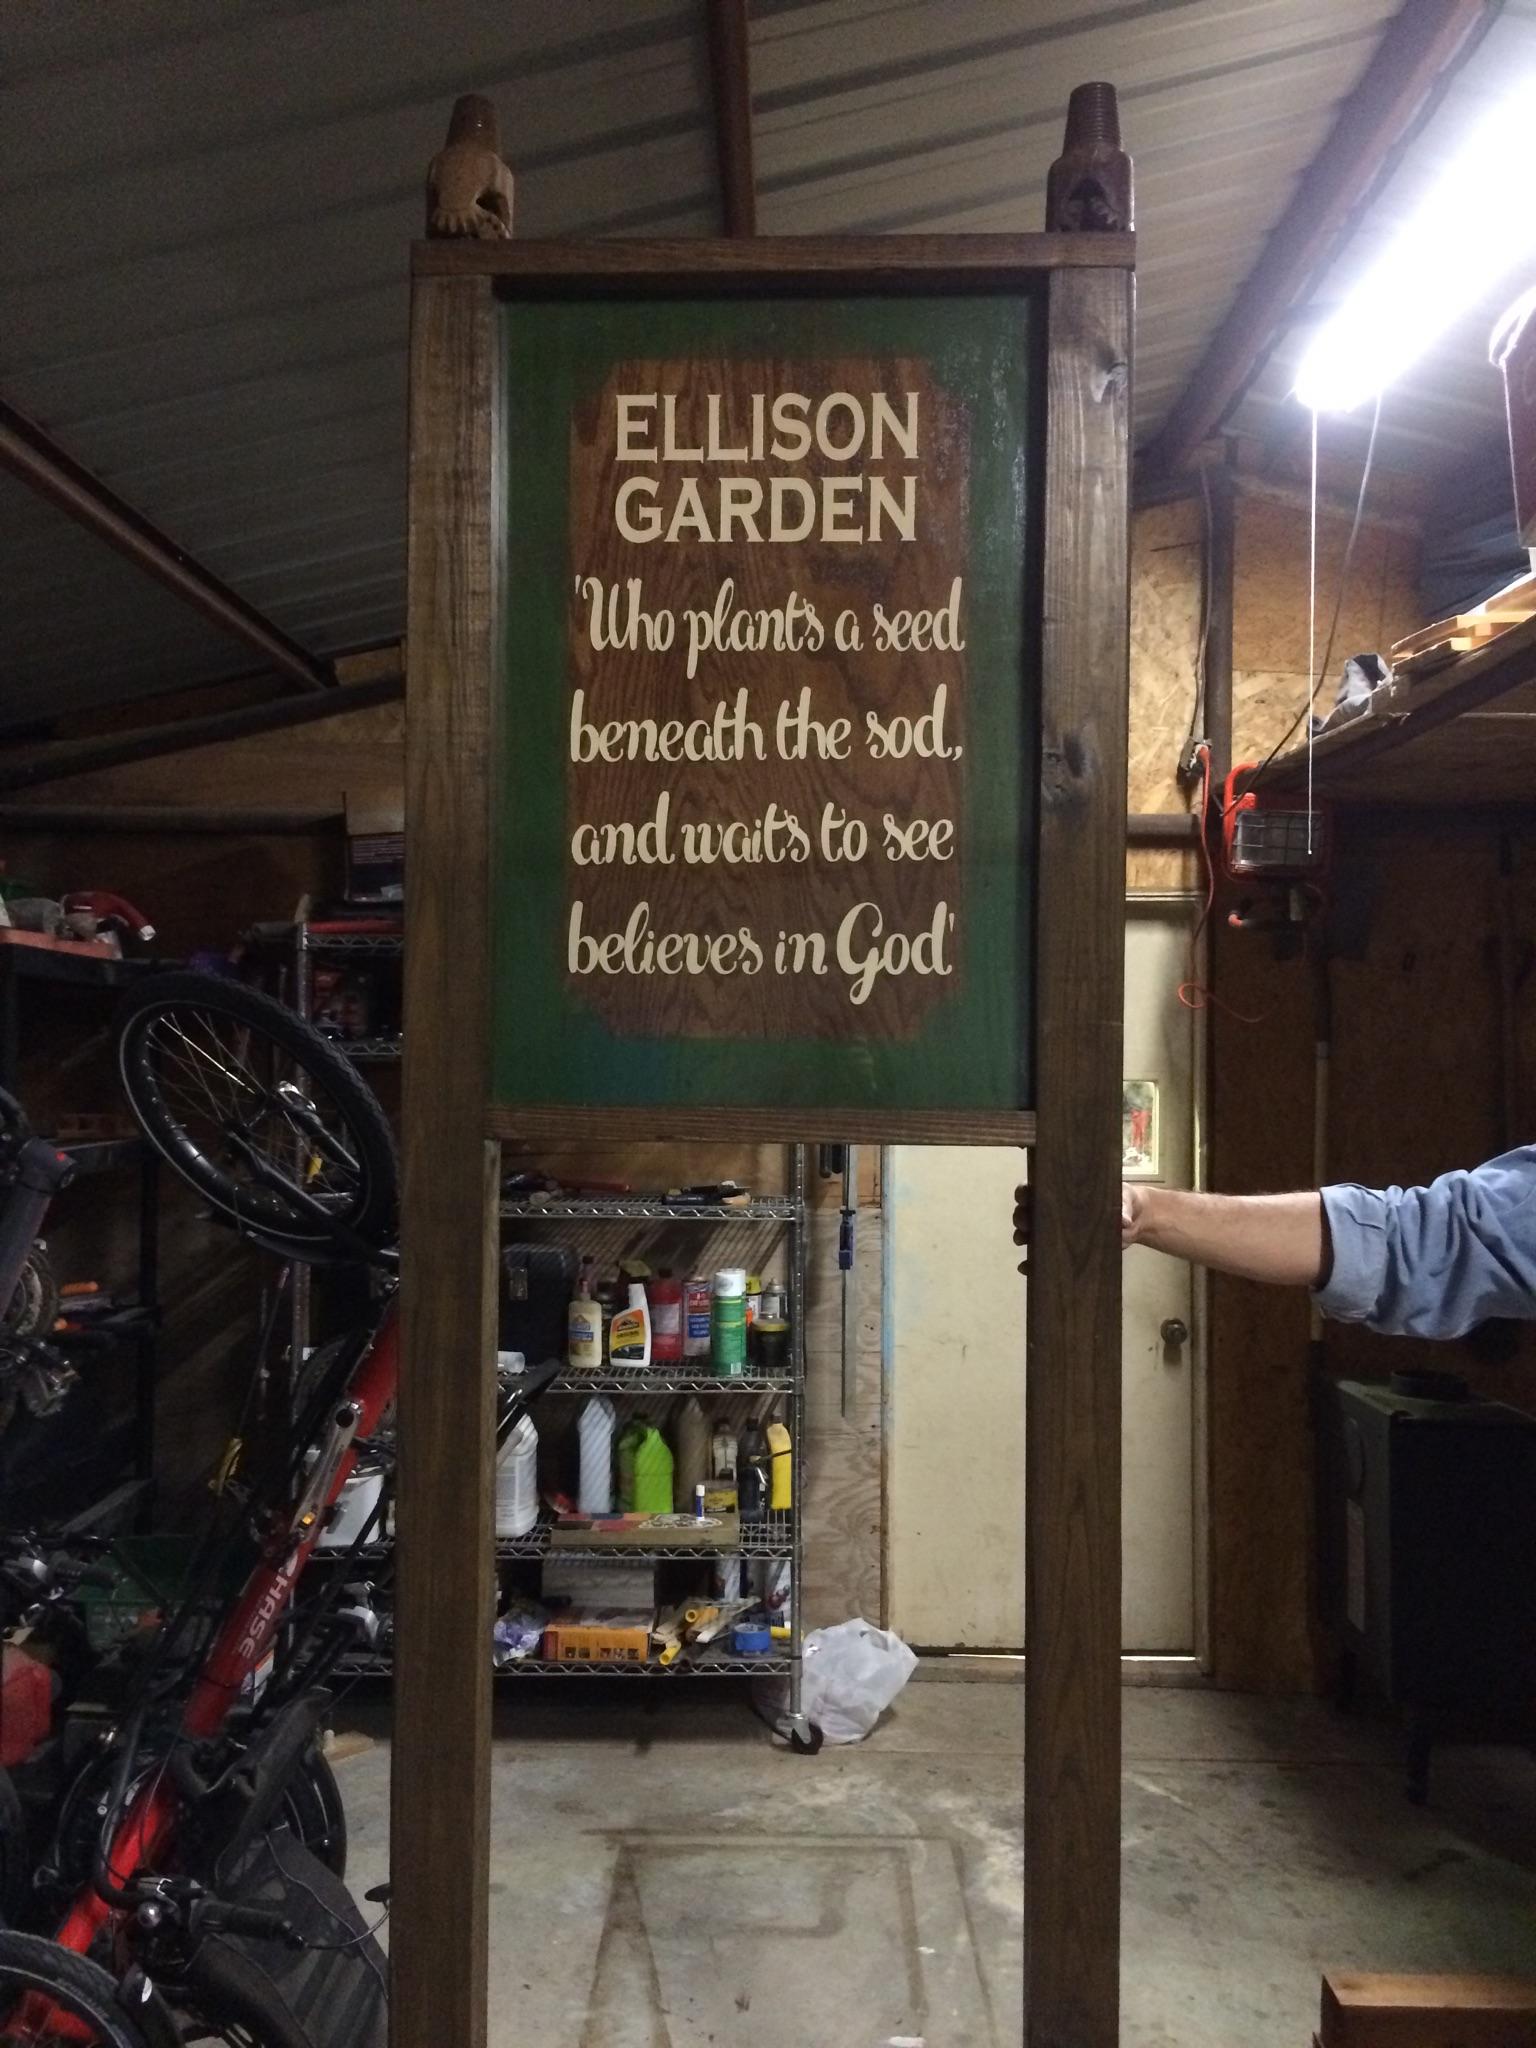 Ellison garden